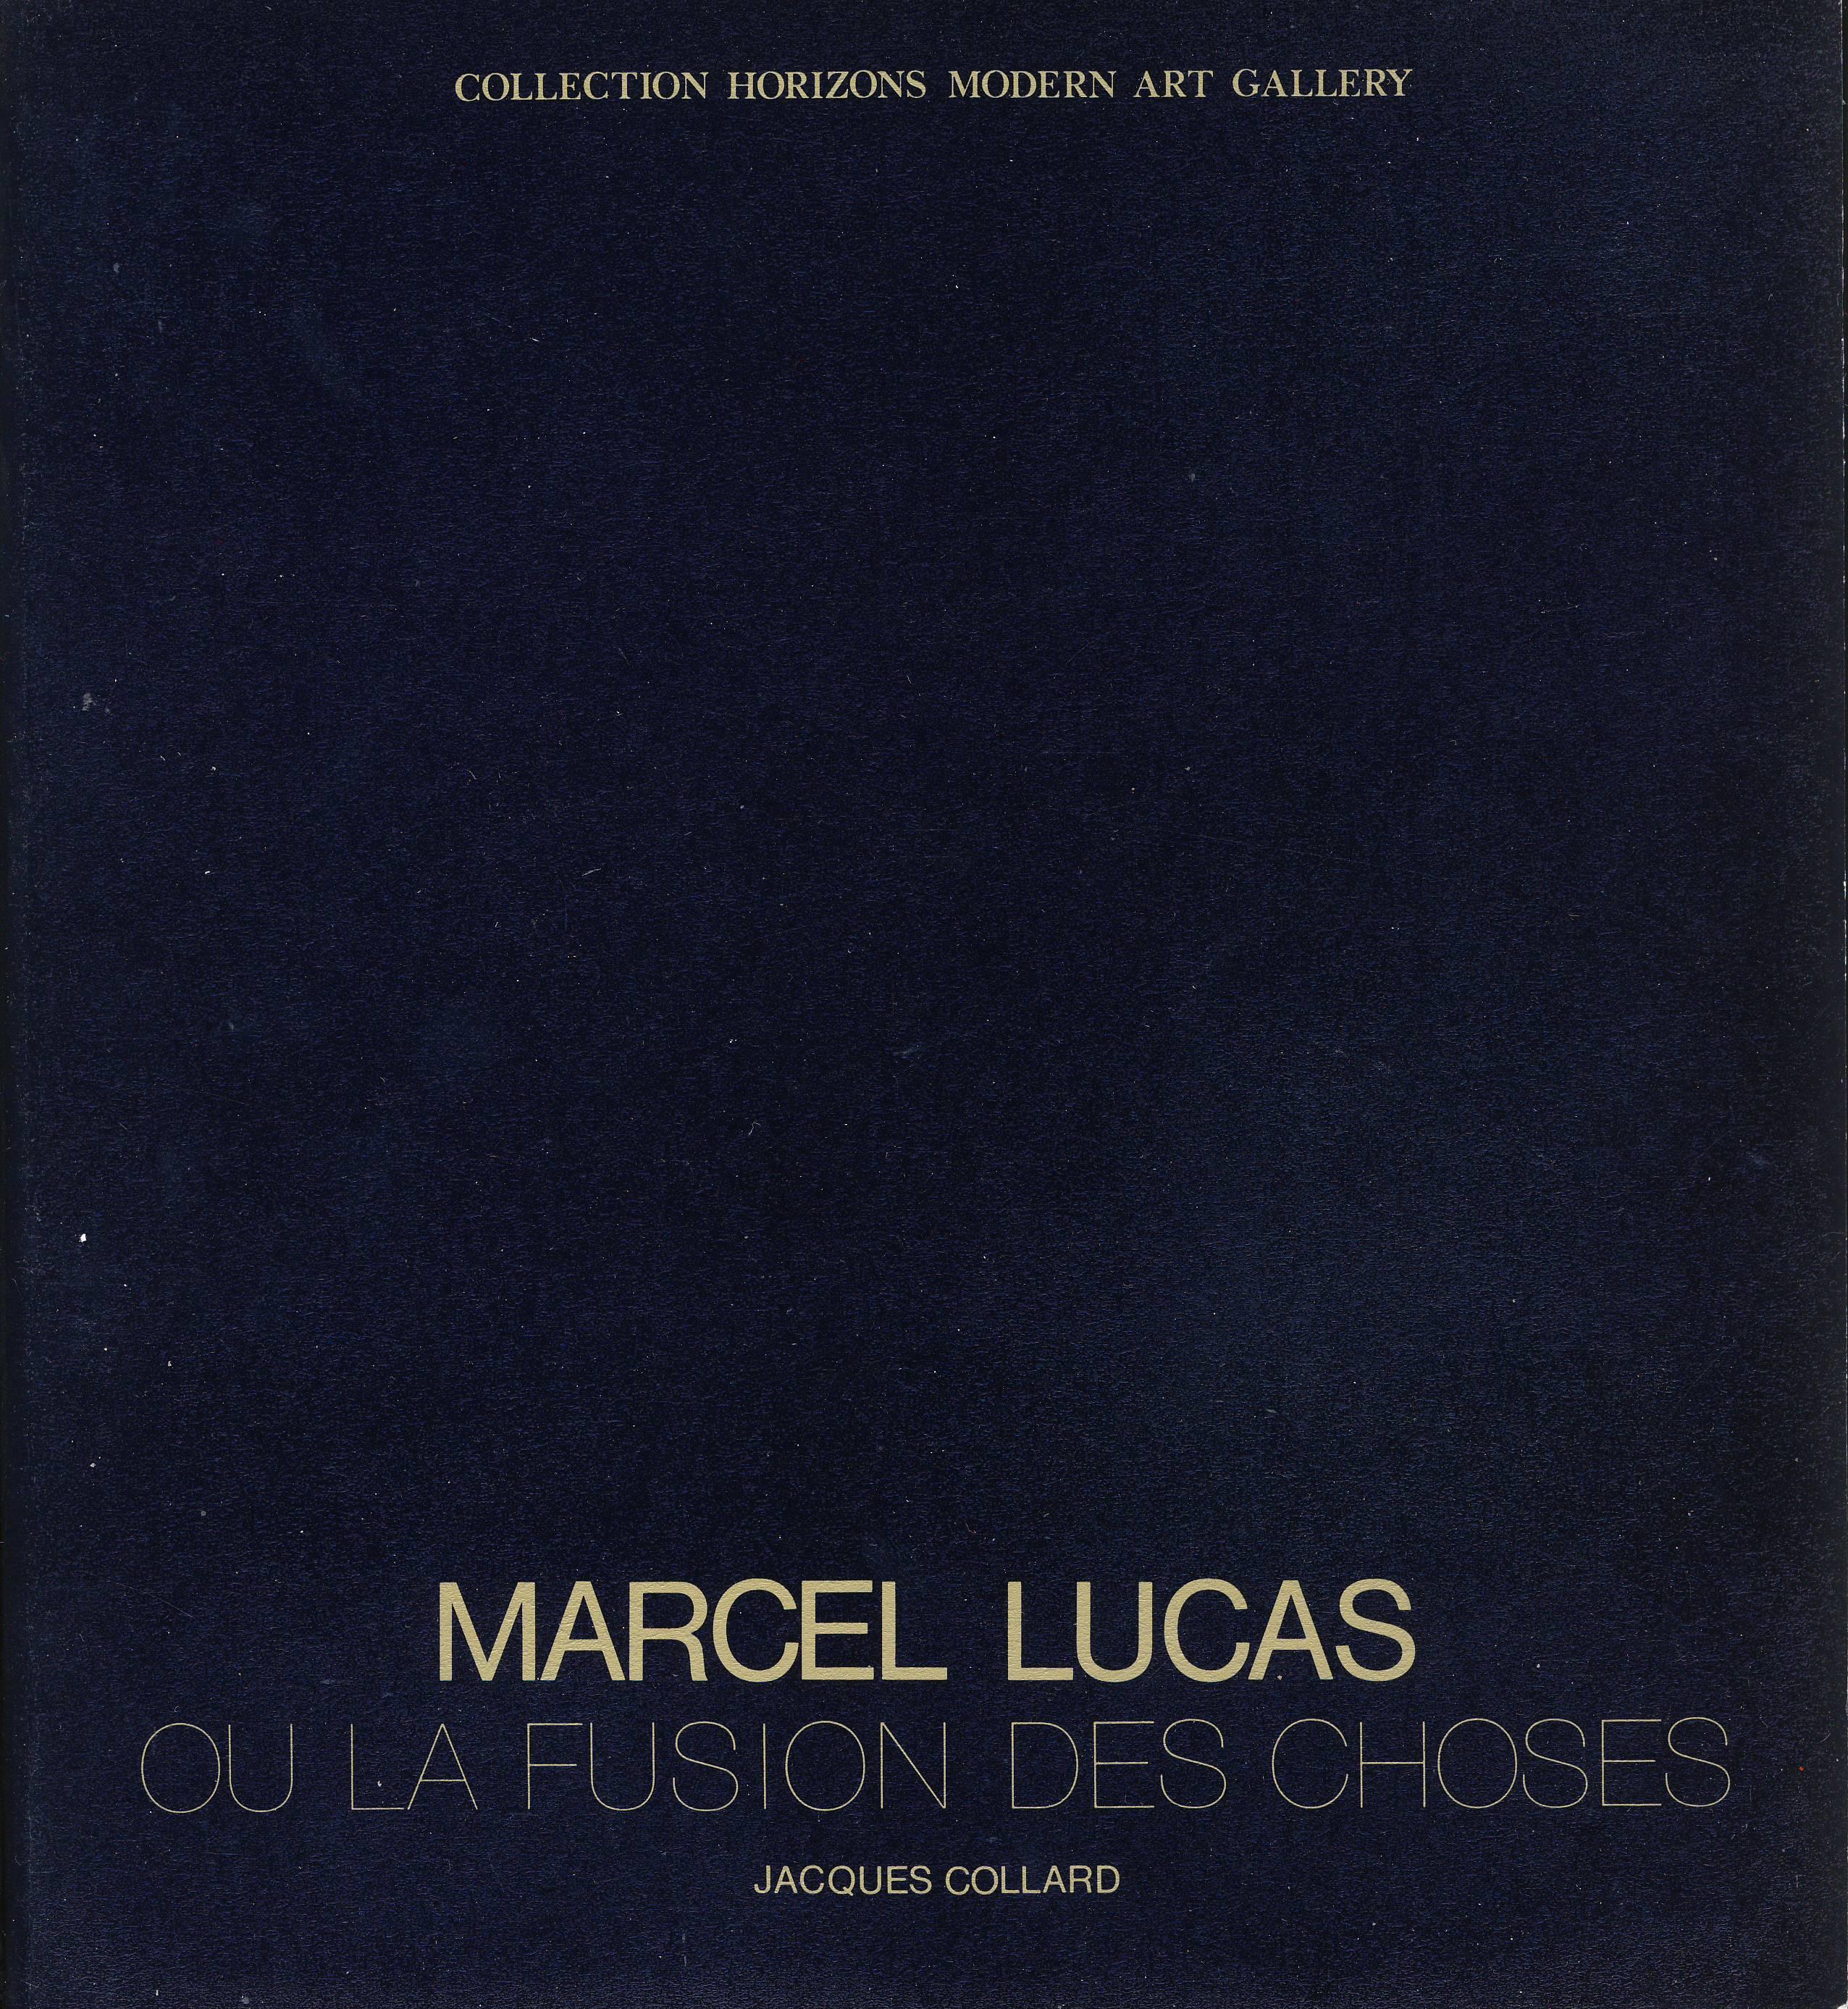 Marcel Lucas ou la fusion des choses